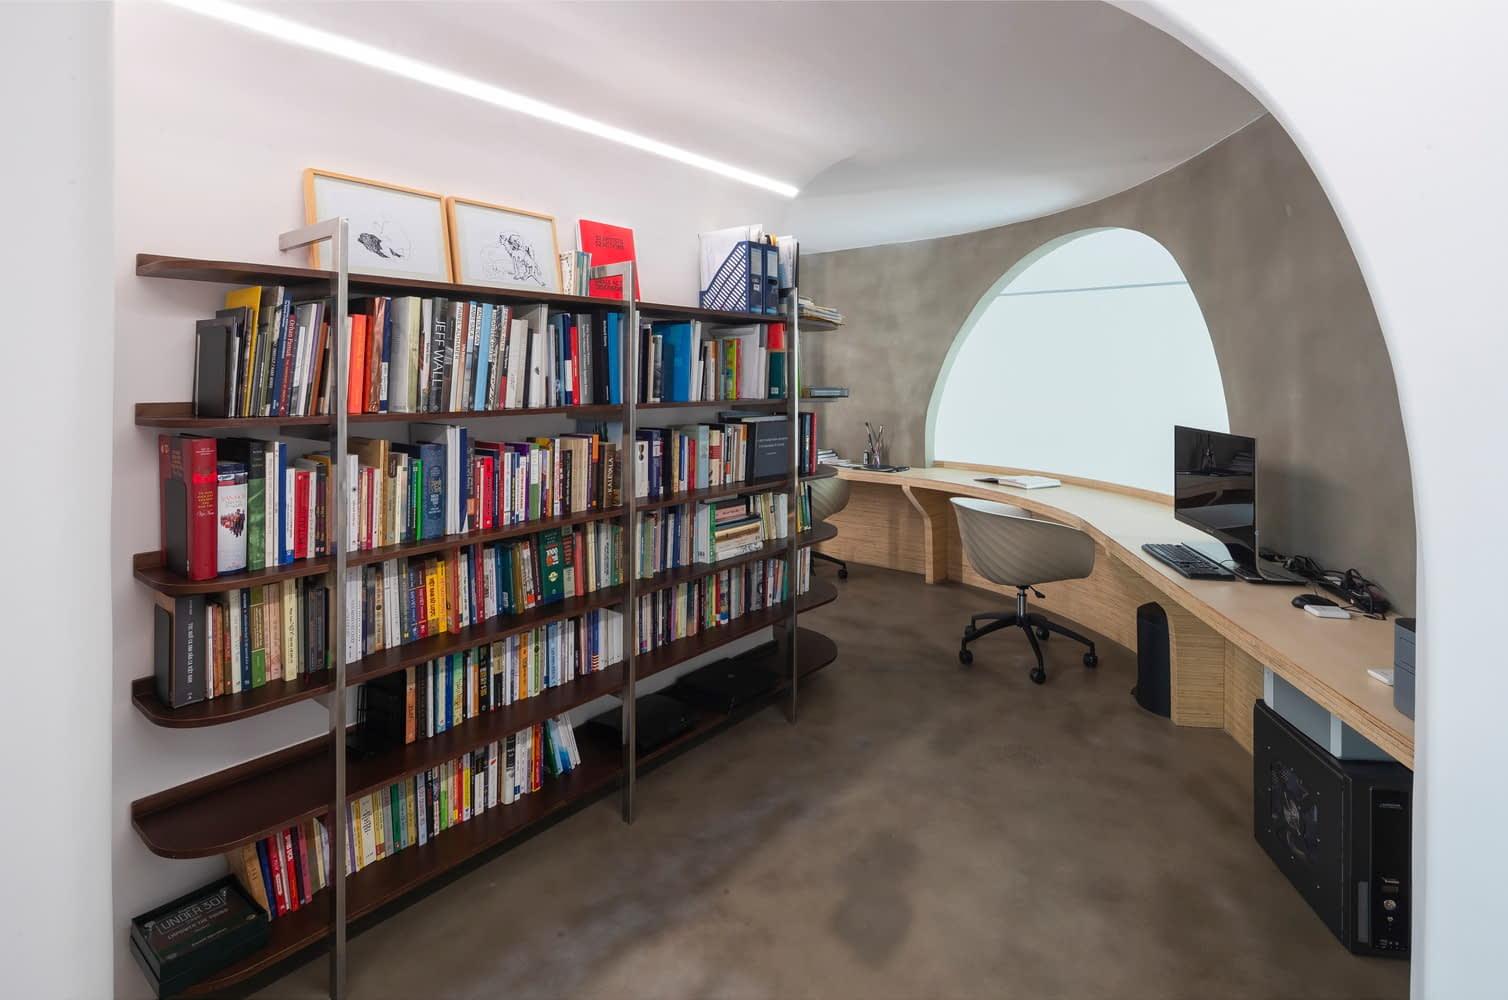 Khu vực phòng làm việc và đọc sách được thiết kế ấn tượng